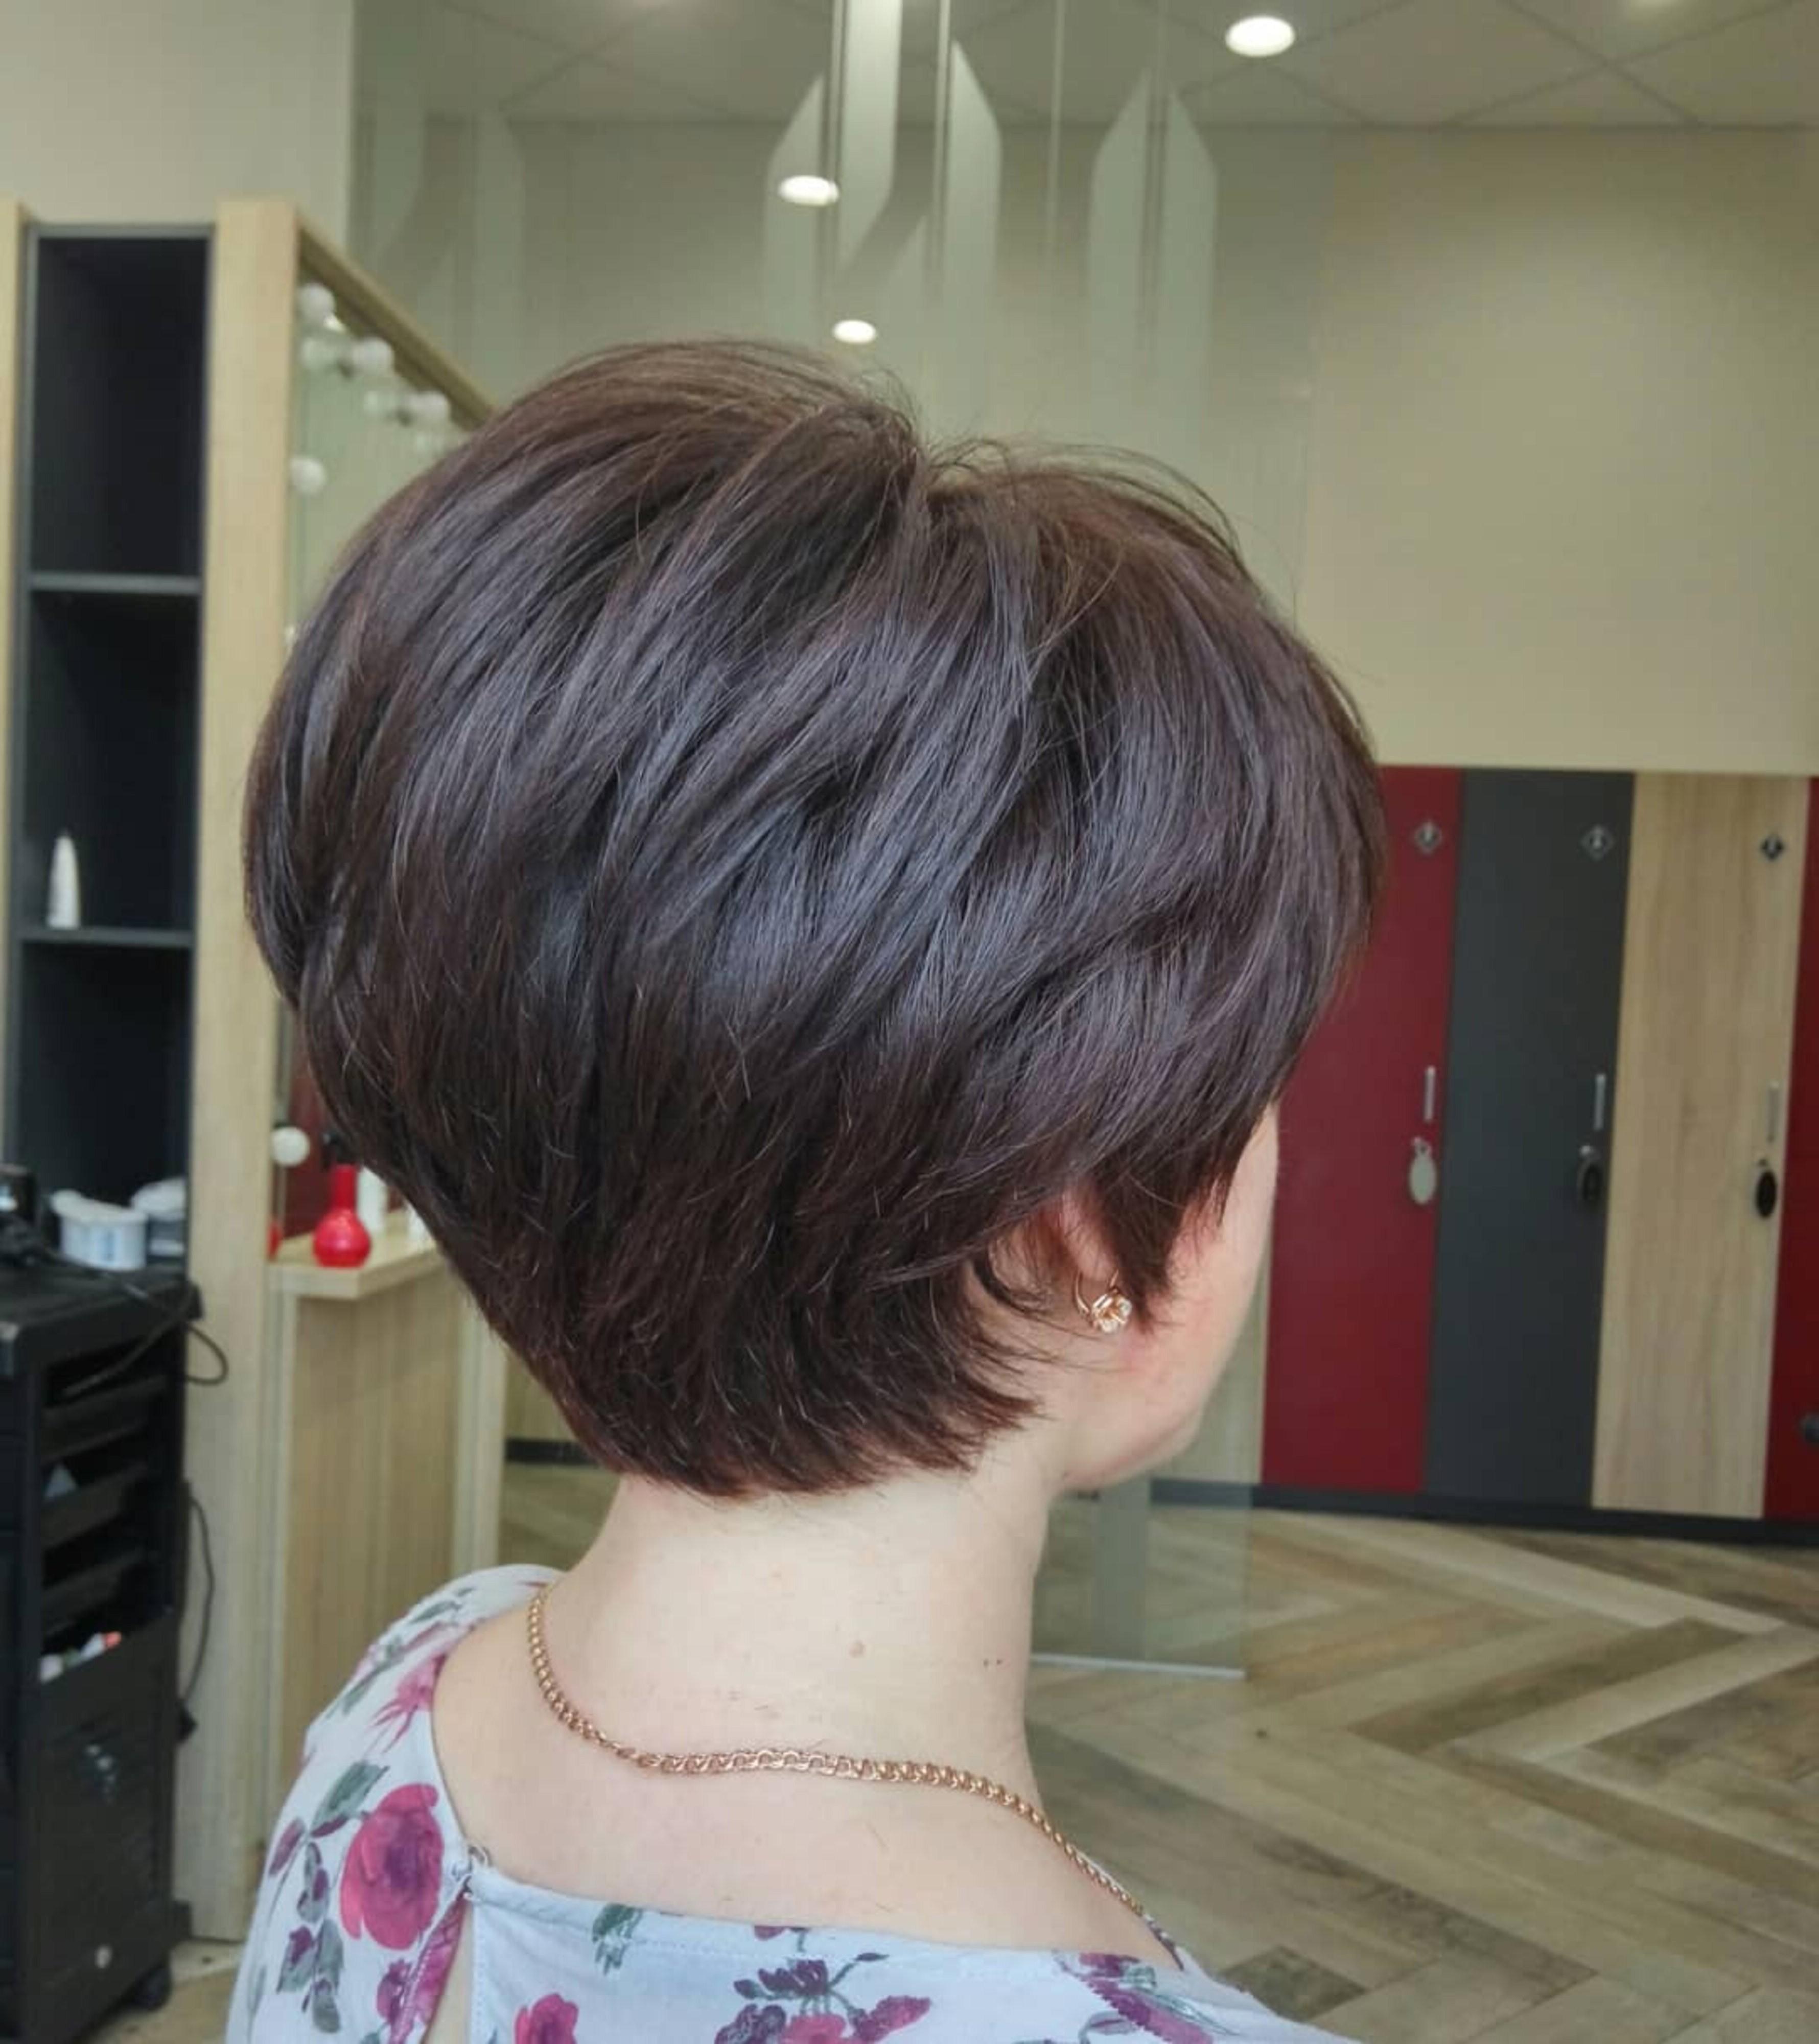 A bob for thin hair texture.